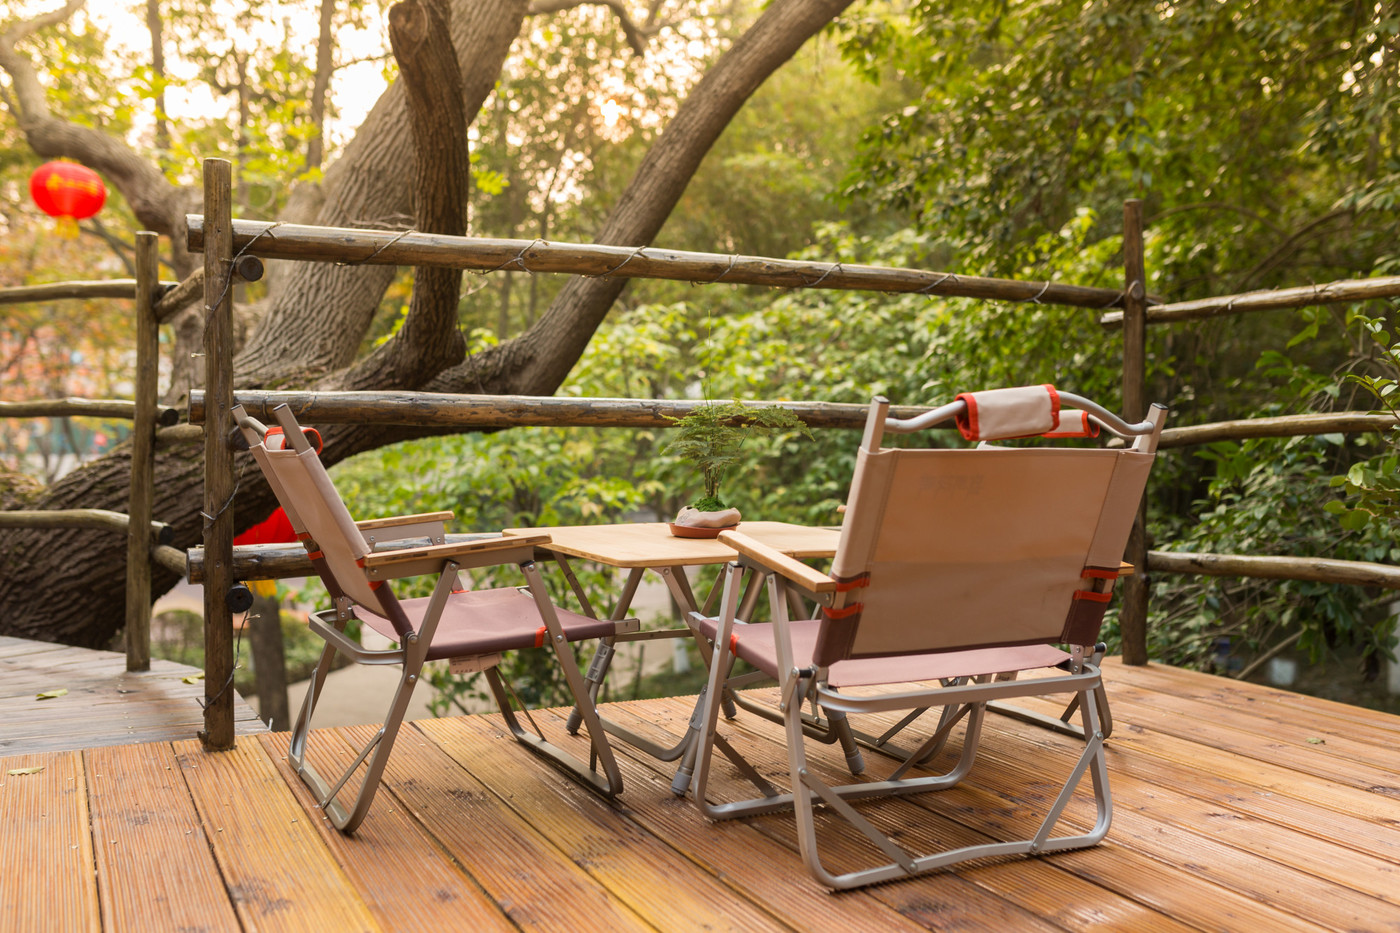 喜马拉雅野奢帐篷酒店—江苏常州天目湖树屋帐篷酒店32